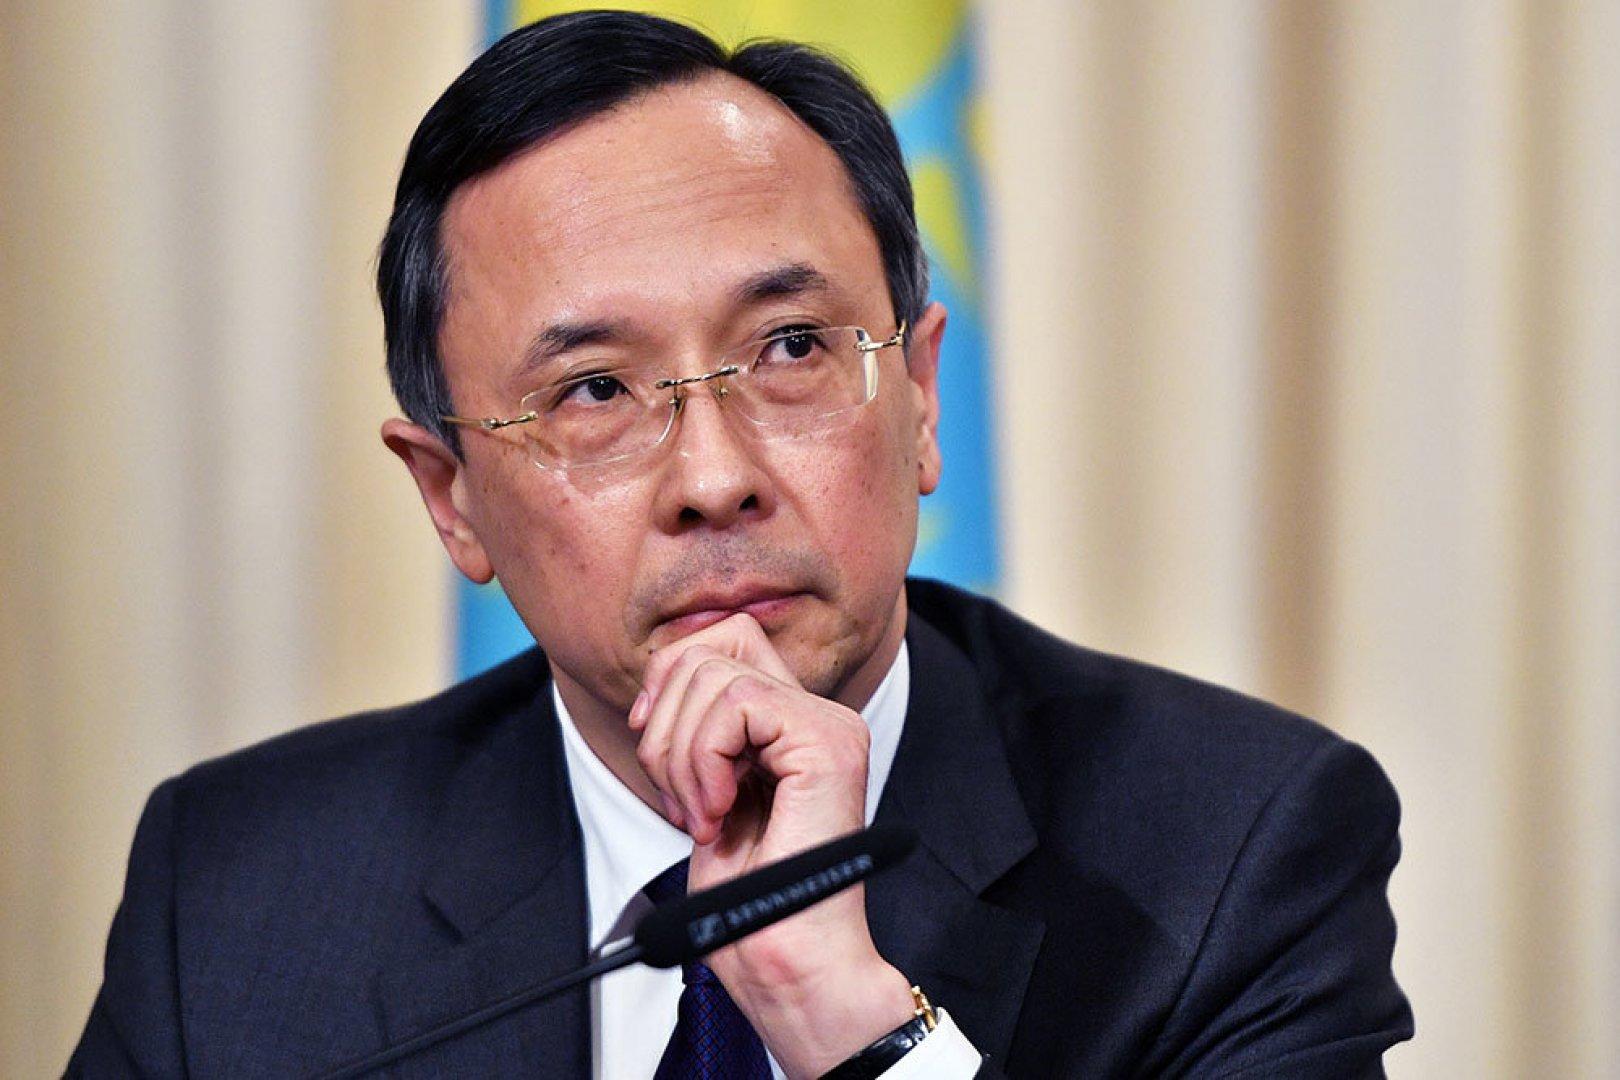 Казахстан и Гамбия должны сконцентрироваться на увеличении товарооборота, считают в Астане